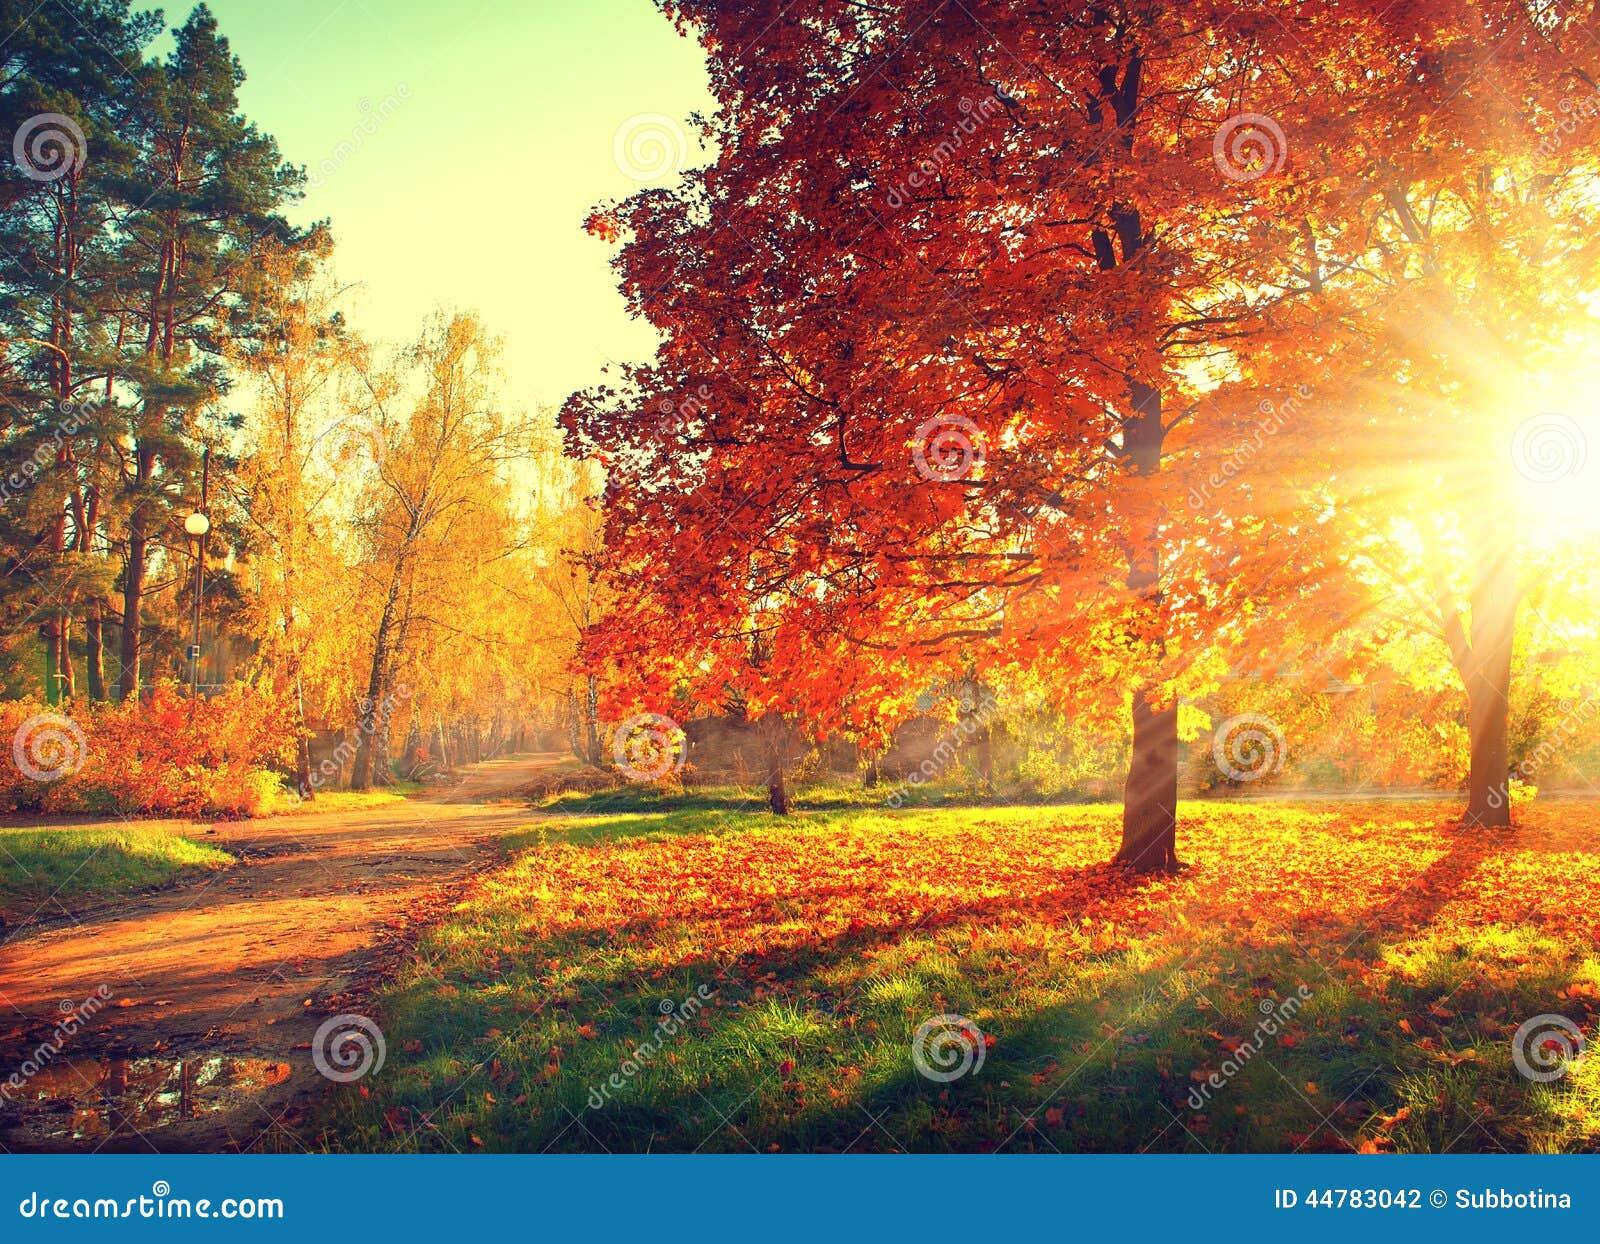 Fall. Autumn Park